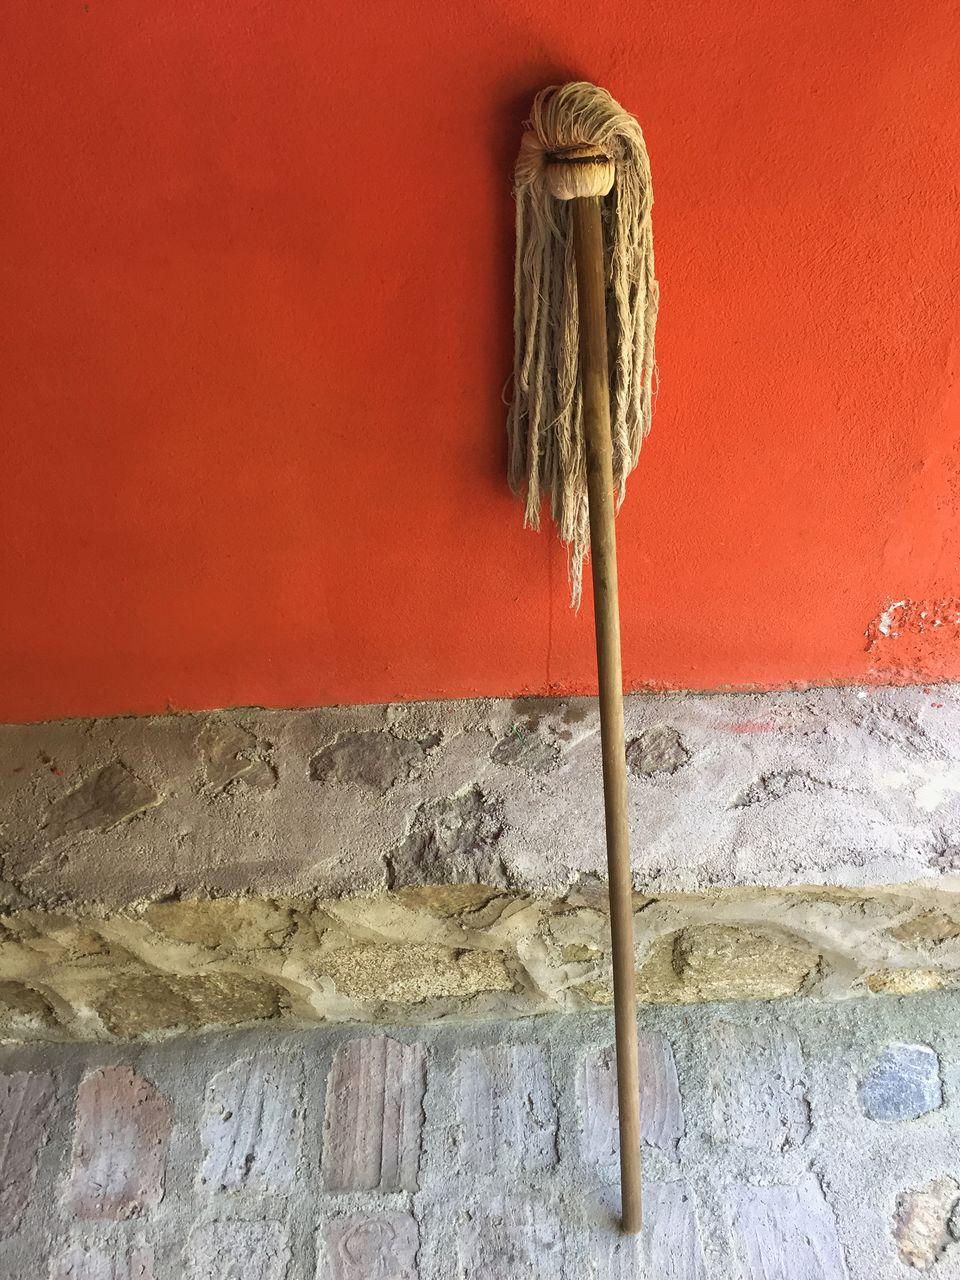 Mop leaning on orange wall